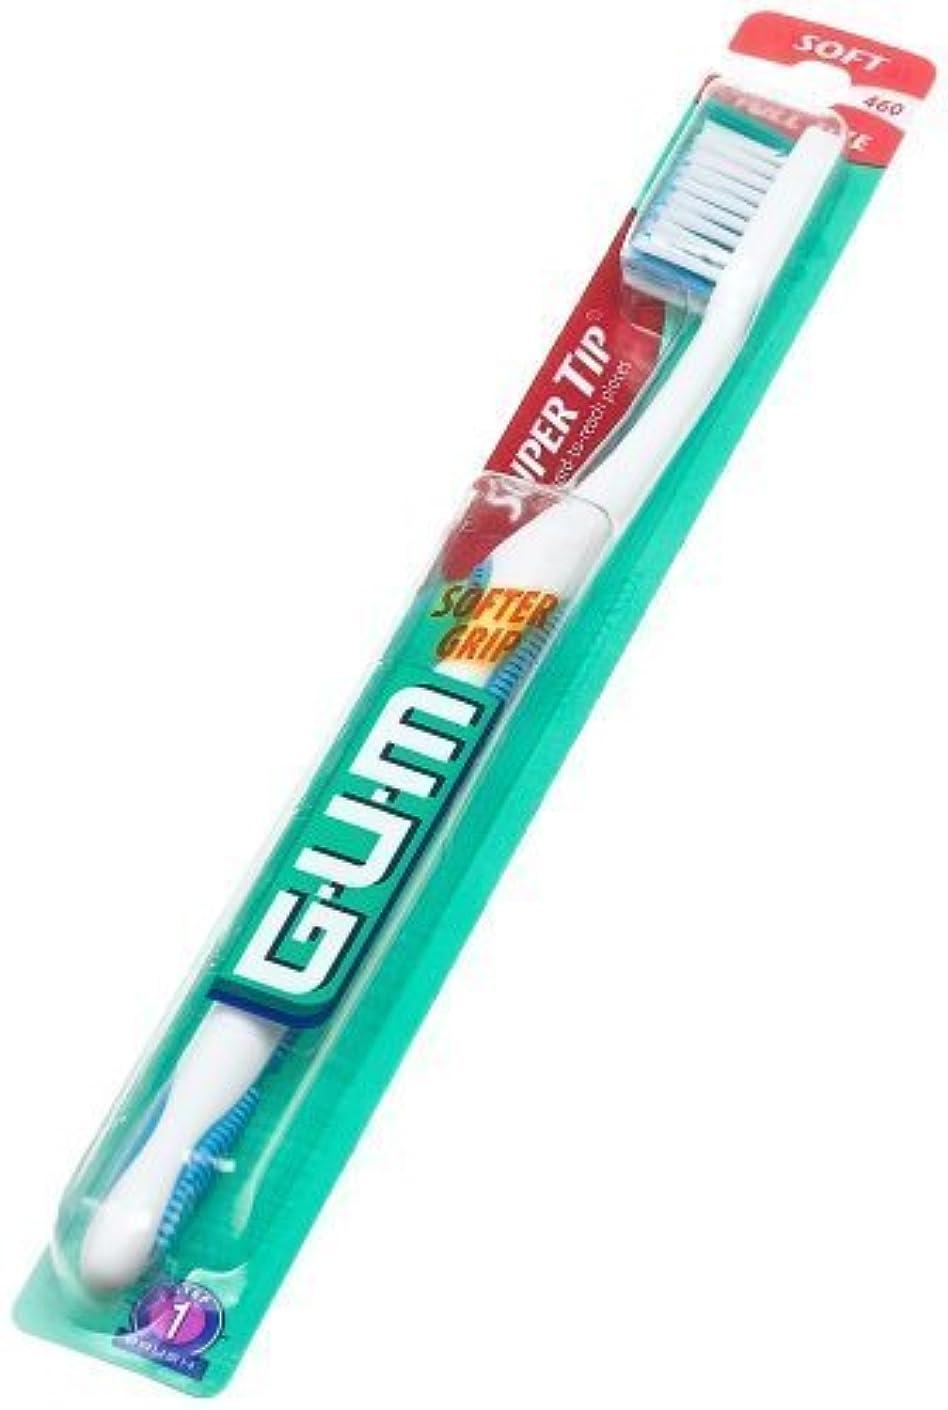 句ホース主張海外直送肘 Gum Butler G-U-M Super Tip Full Head Toothbrush Soft, Soft 1 each